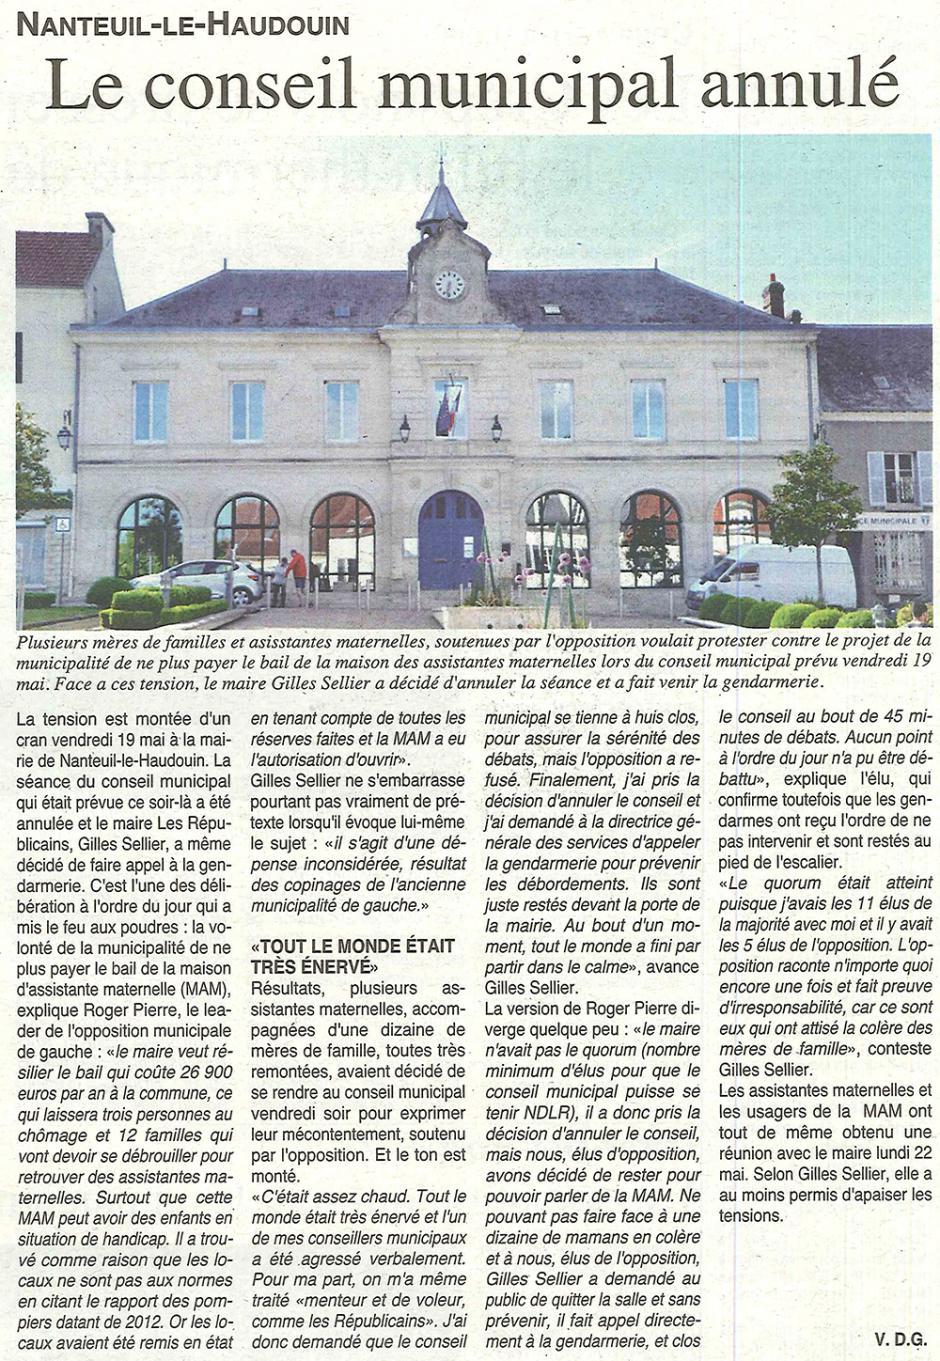 20170524-OH-Nanteuil-le-Haudouin-Le conseil municipal annulé [Roger Pierre]